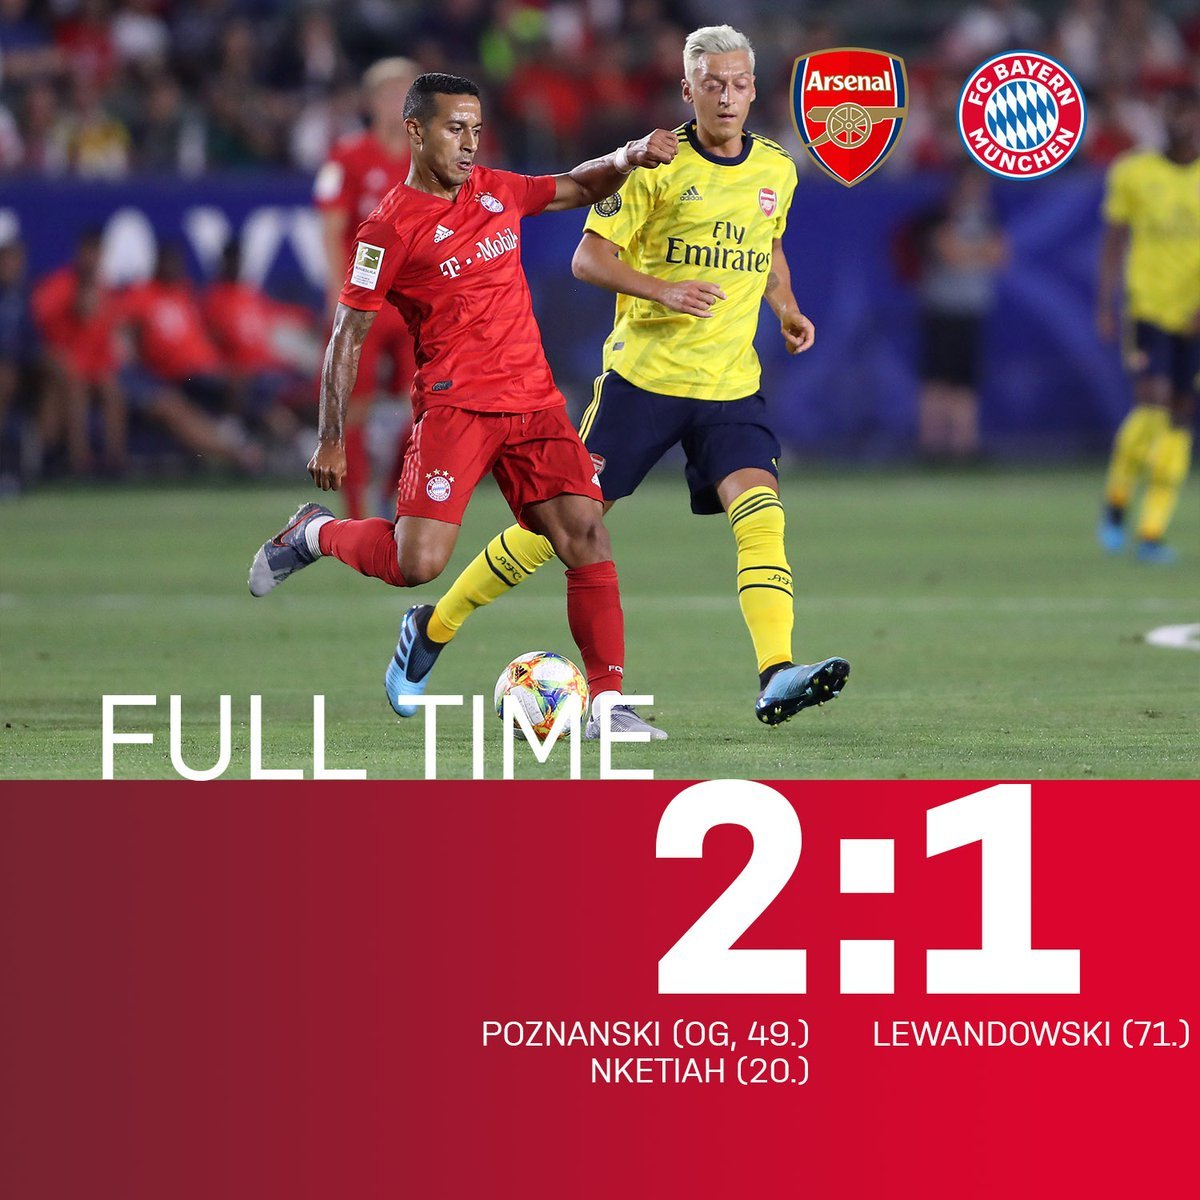 Arsenal đánh bại Bayern Munich mở màn ICC